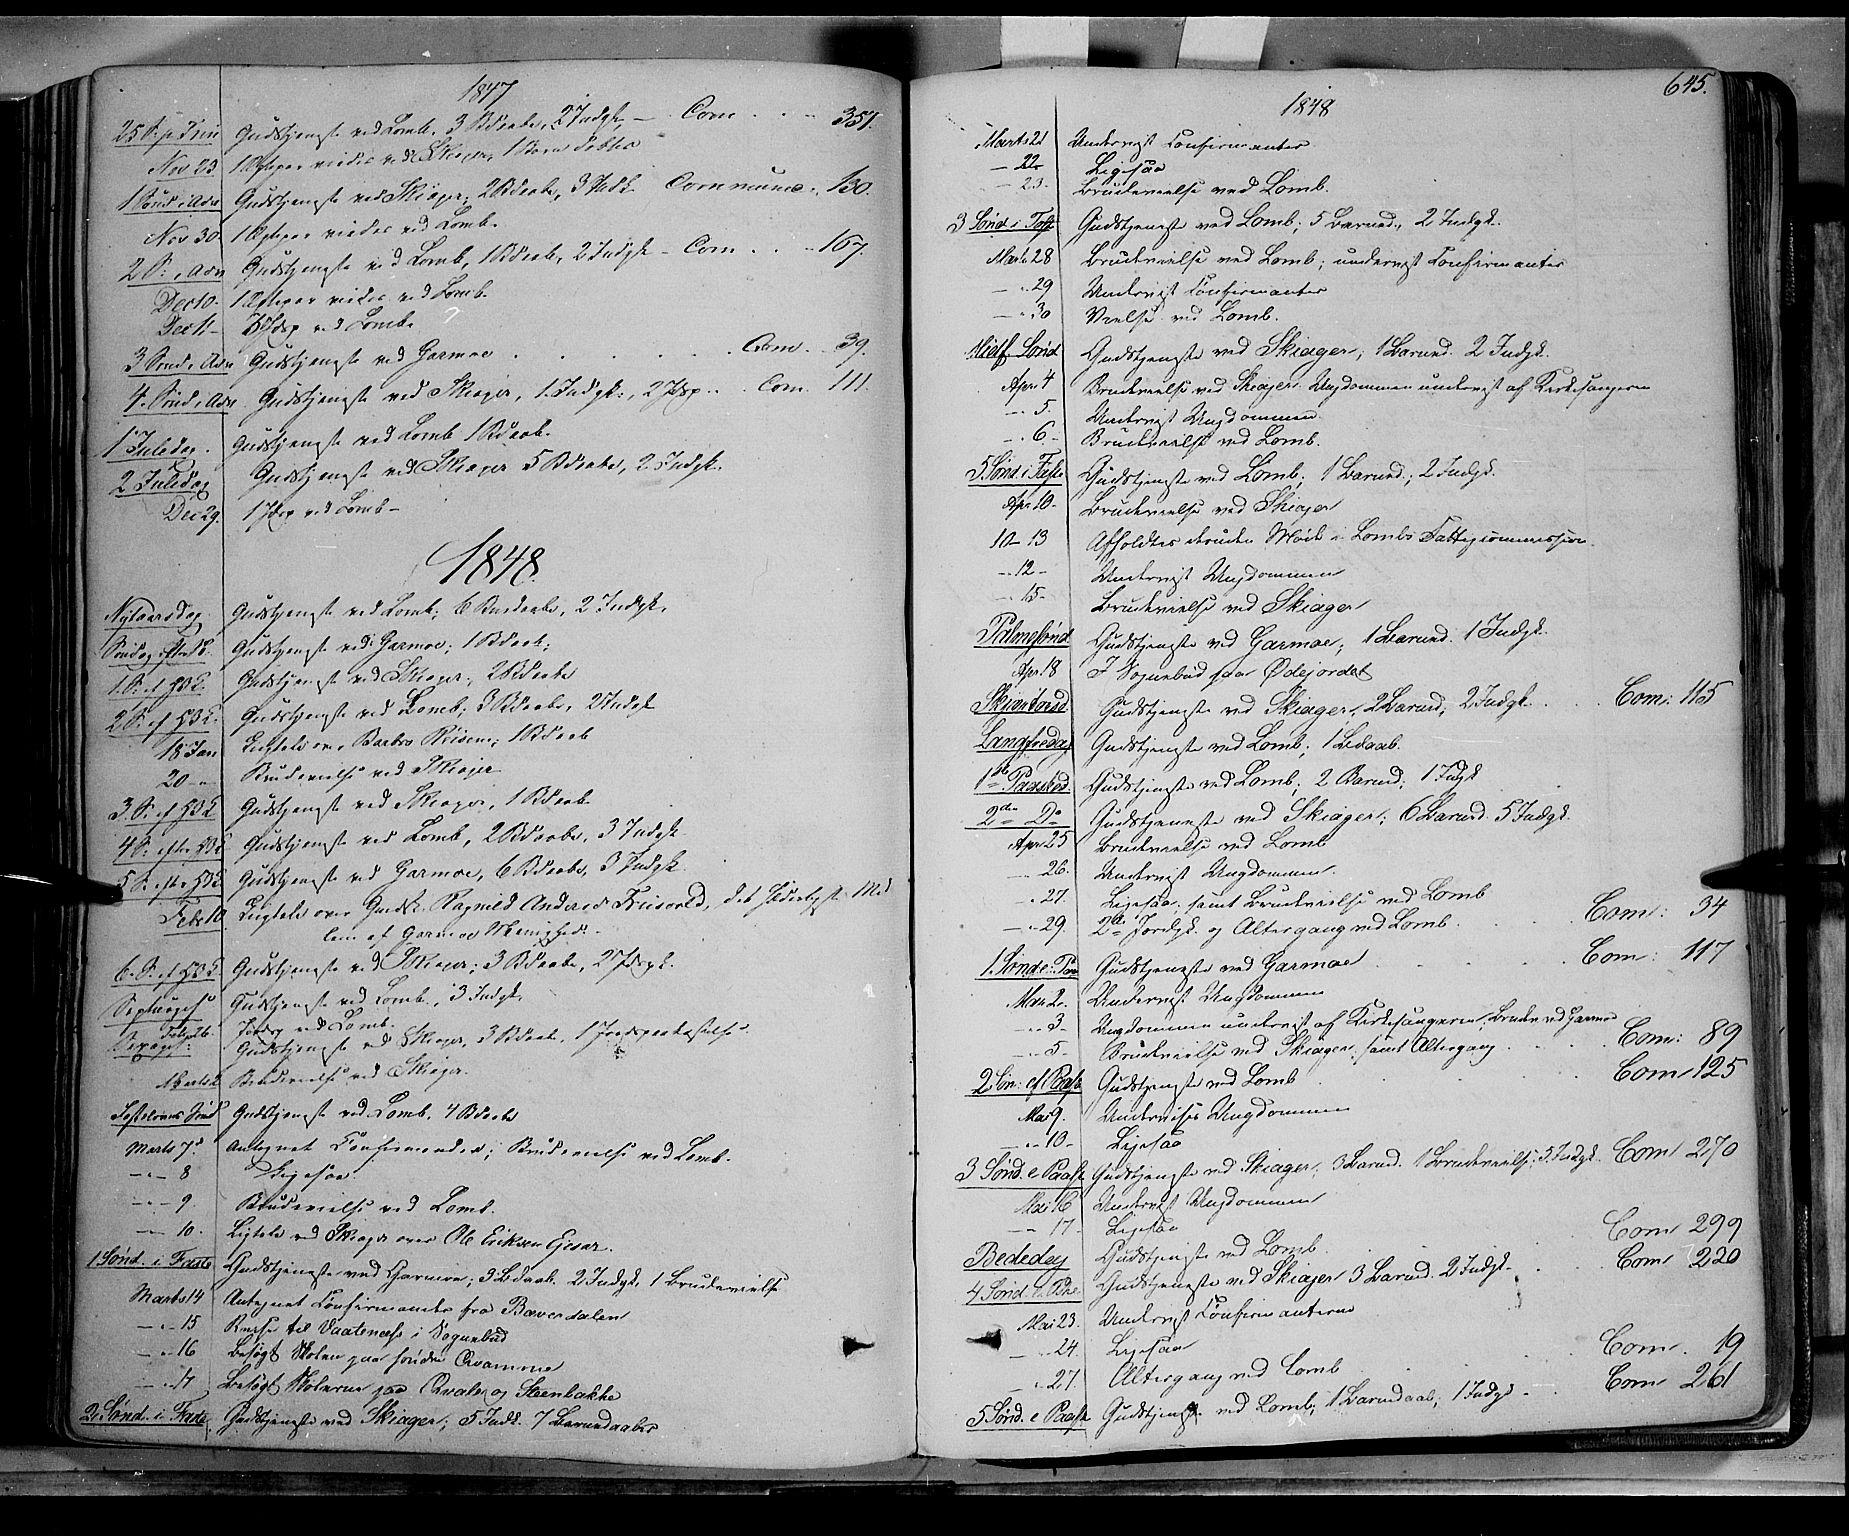 SAH, Lom prestekontor, K/L0006: Ministerialbok nr. 6B, 1837-1863, s. 645